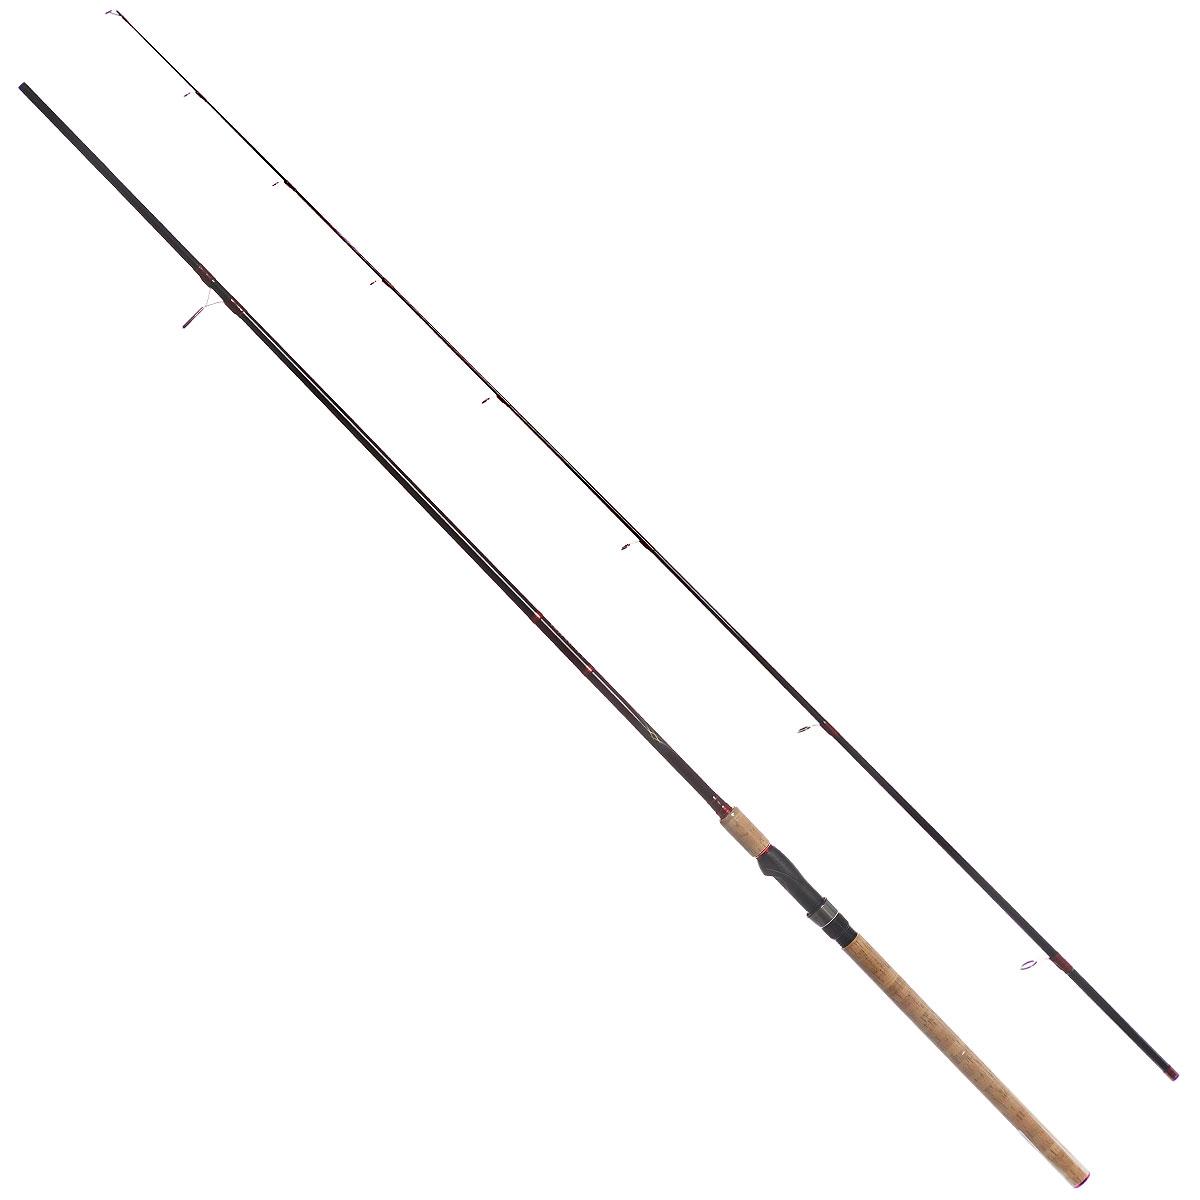 Удилище спиннинговое Daiwa Vulcan-AR, штекерное, цвет: черный, 2,9 м, 5-28 г